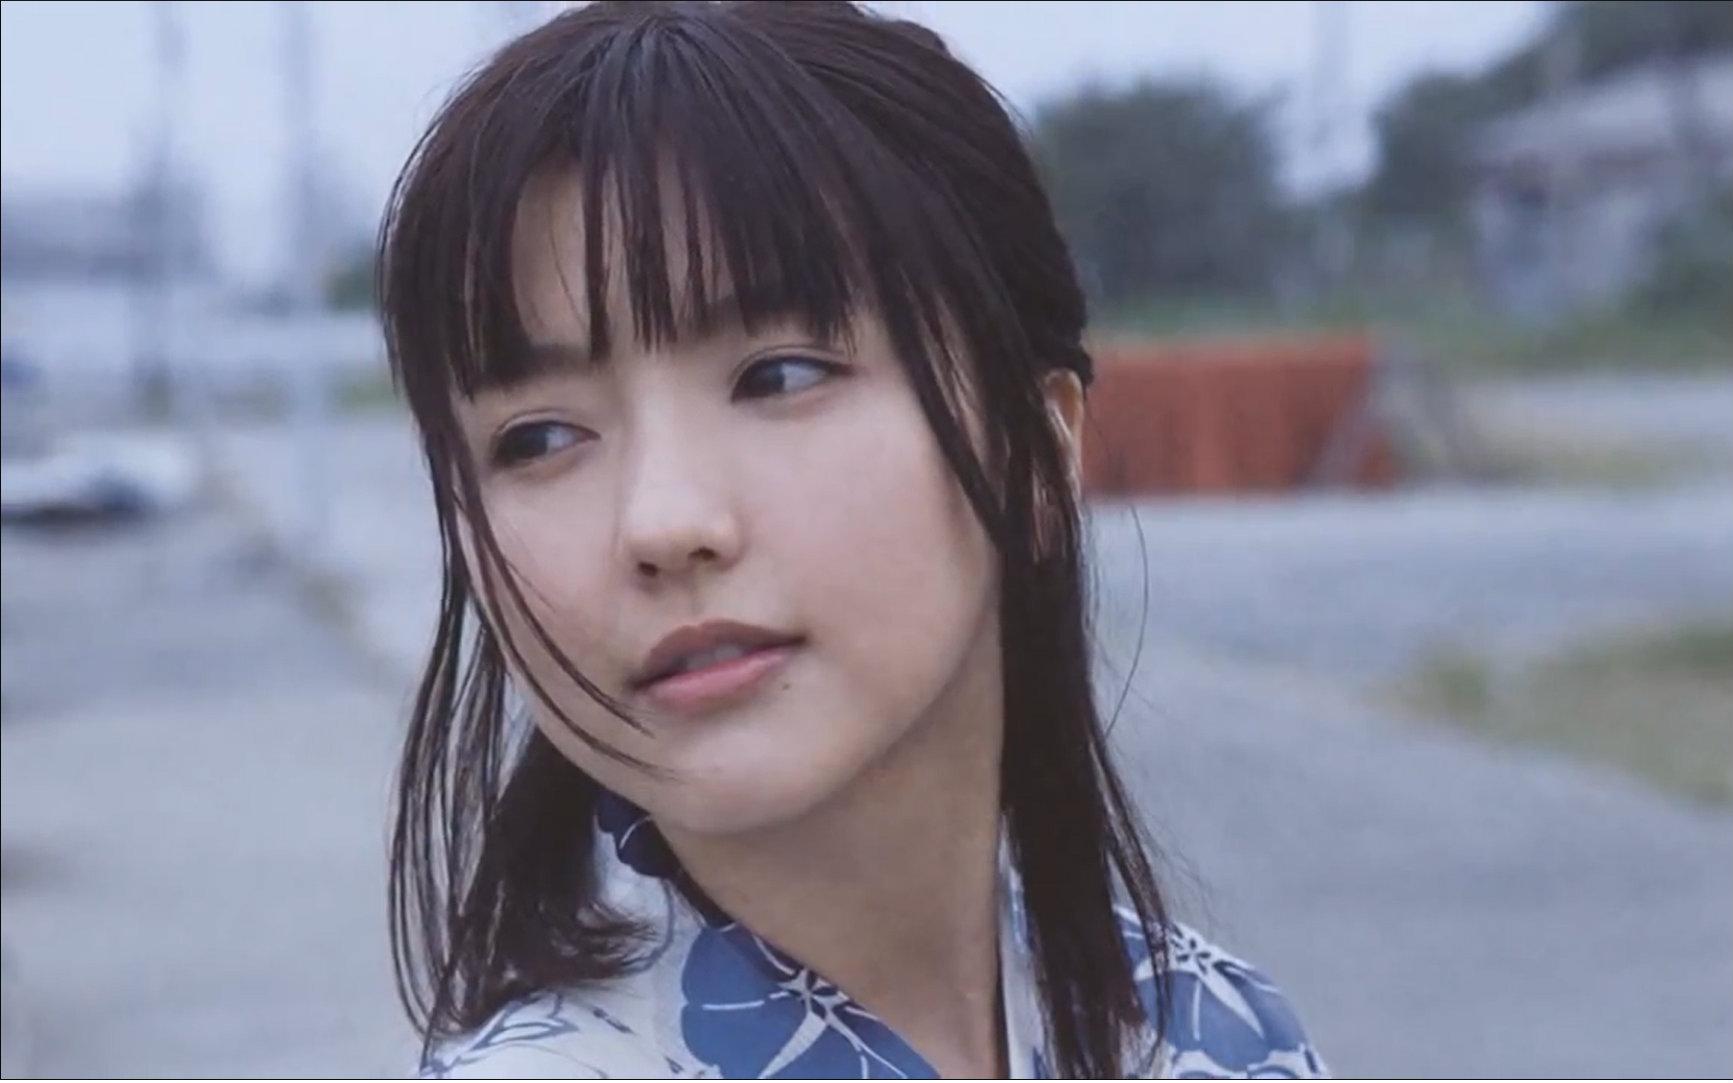 【真野惠里菜】photobook zero 写真图片 视频集